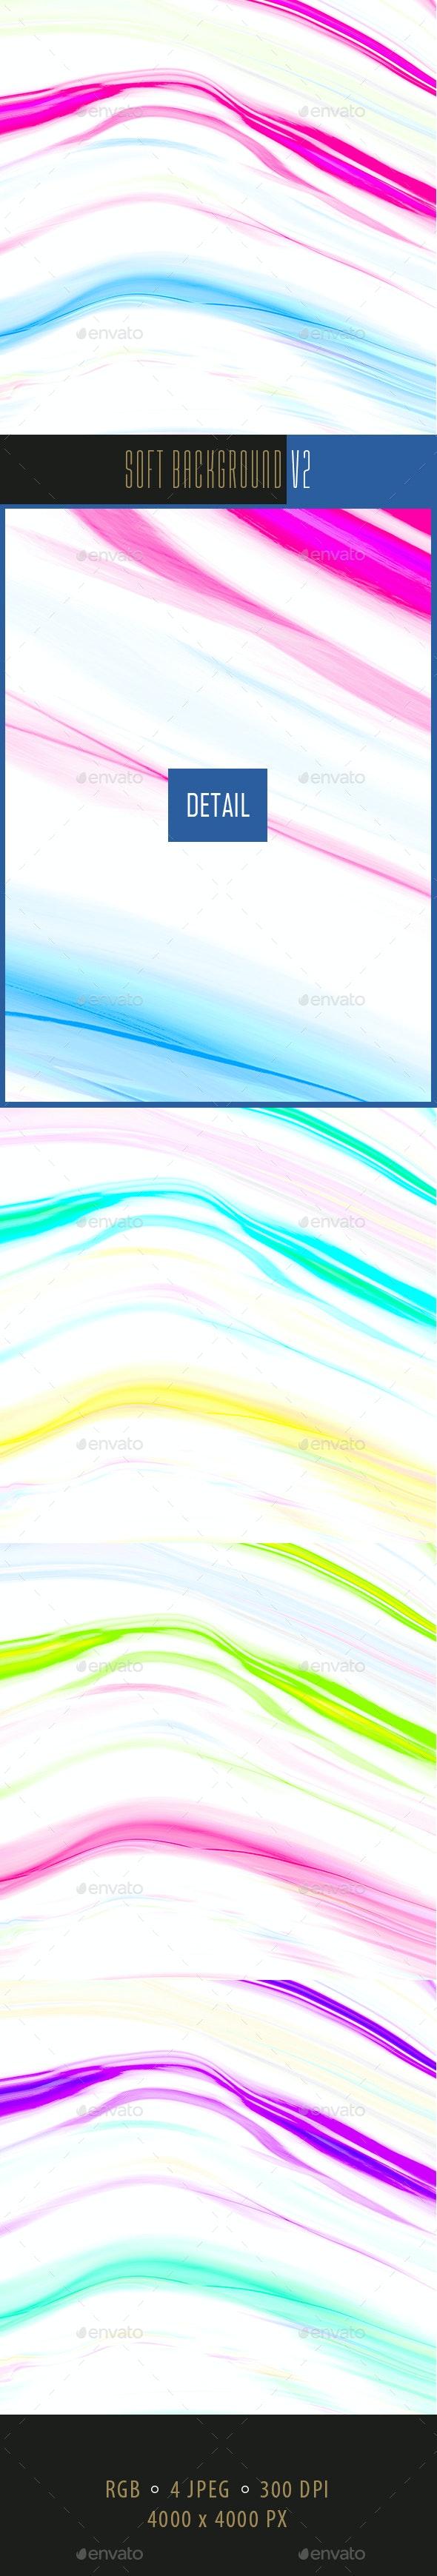 Soft Background V2 - Backgrounds Graphics